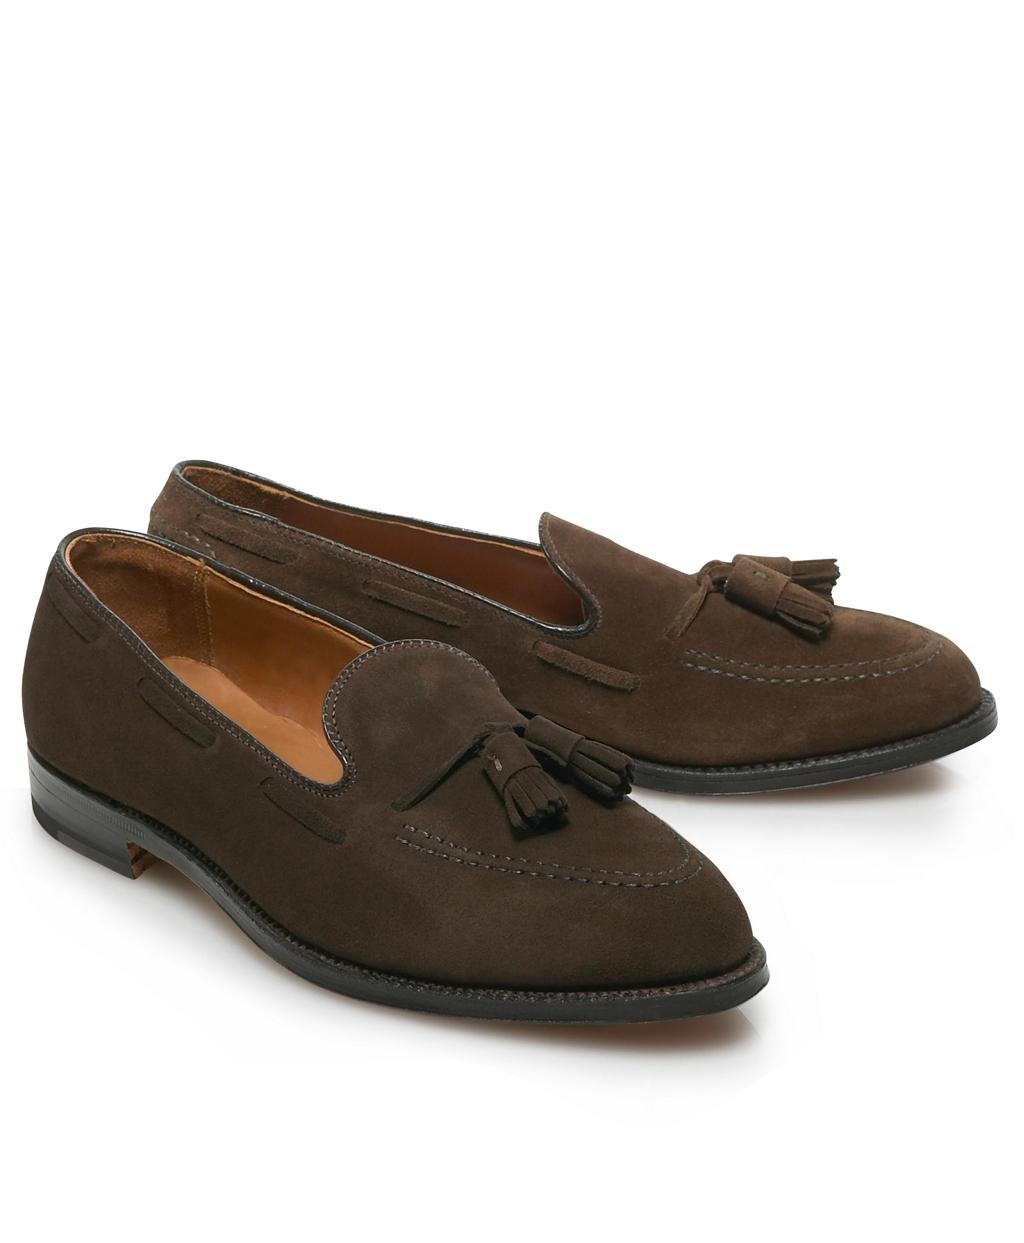 Mens Brown Suede Tassel Shoes Brooks Brothers Heels Wanita 274